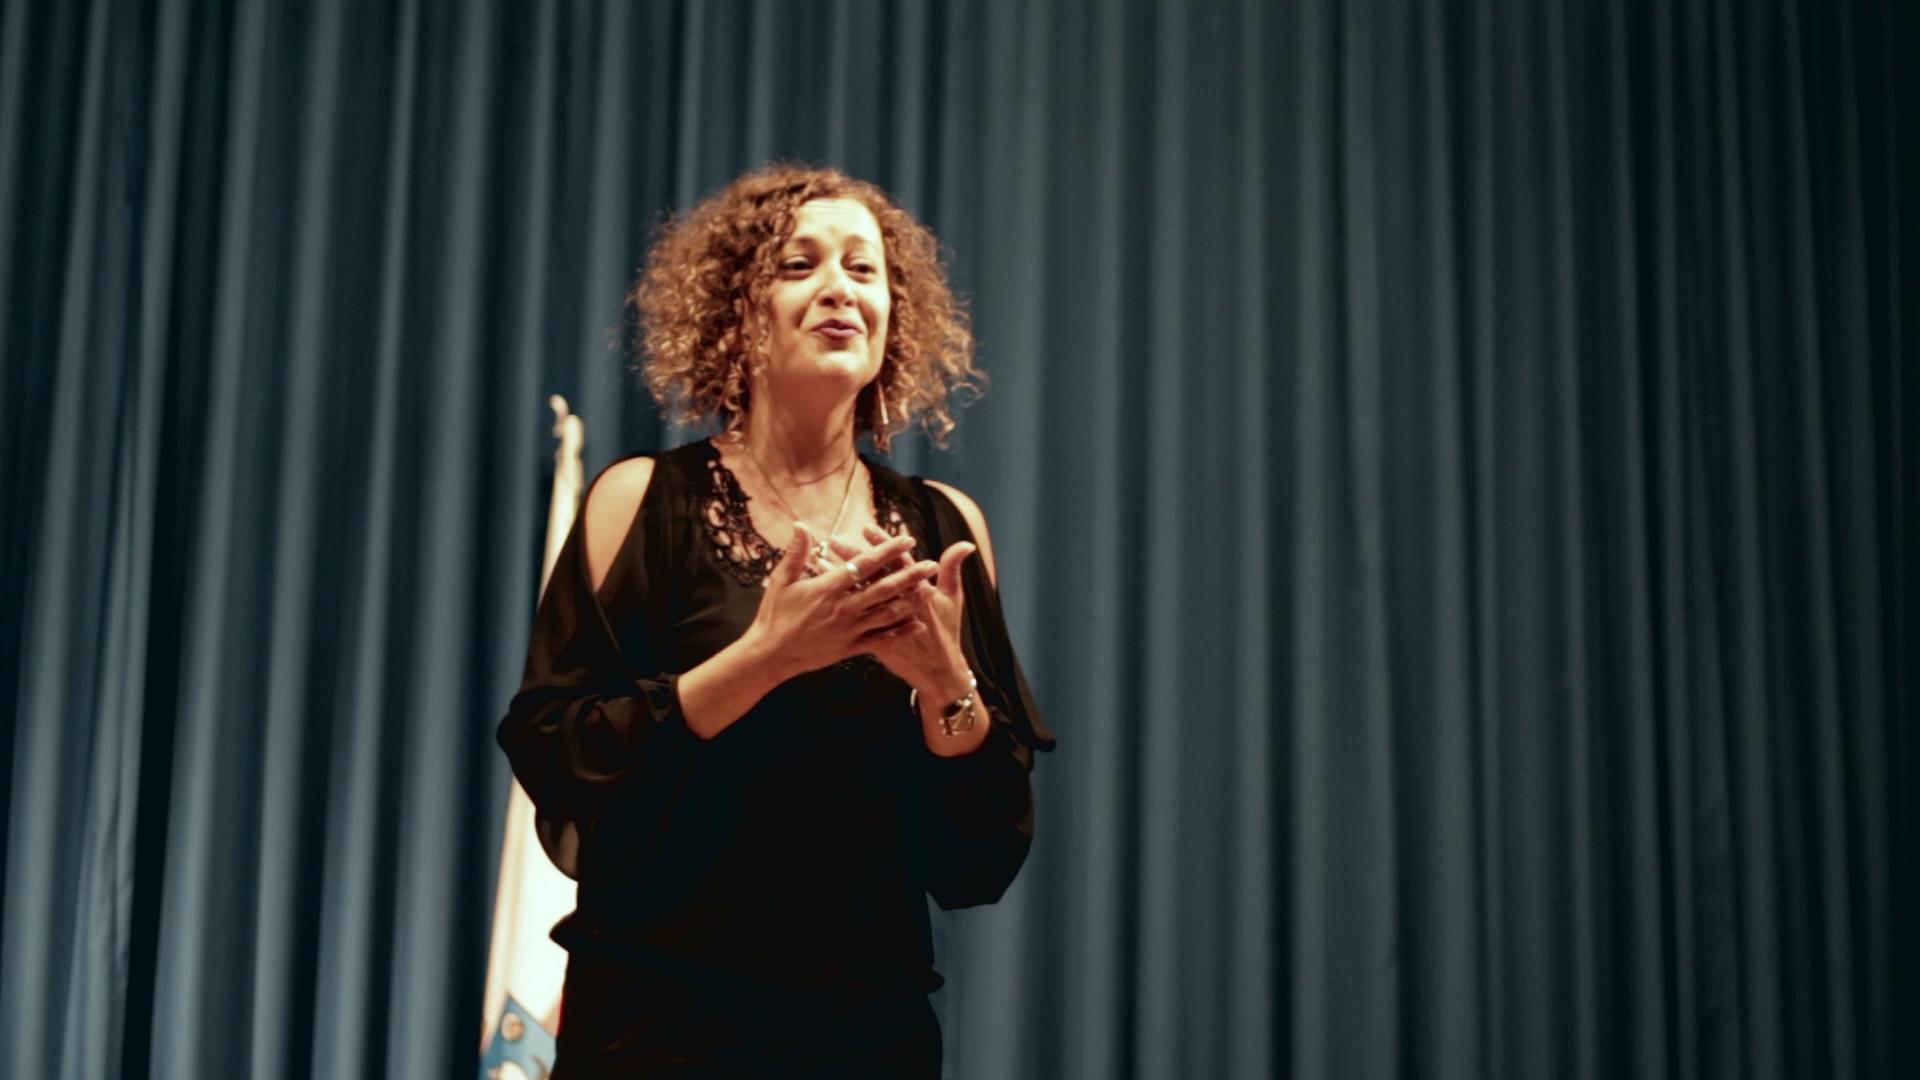 Concierto de canto producido por AISGE & Jose Manuel Conde